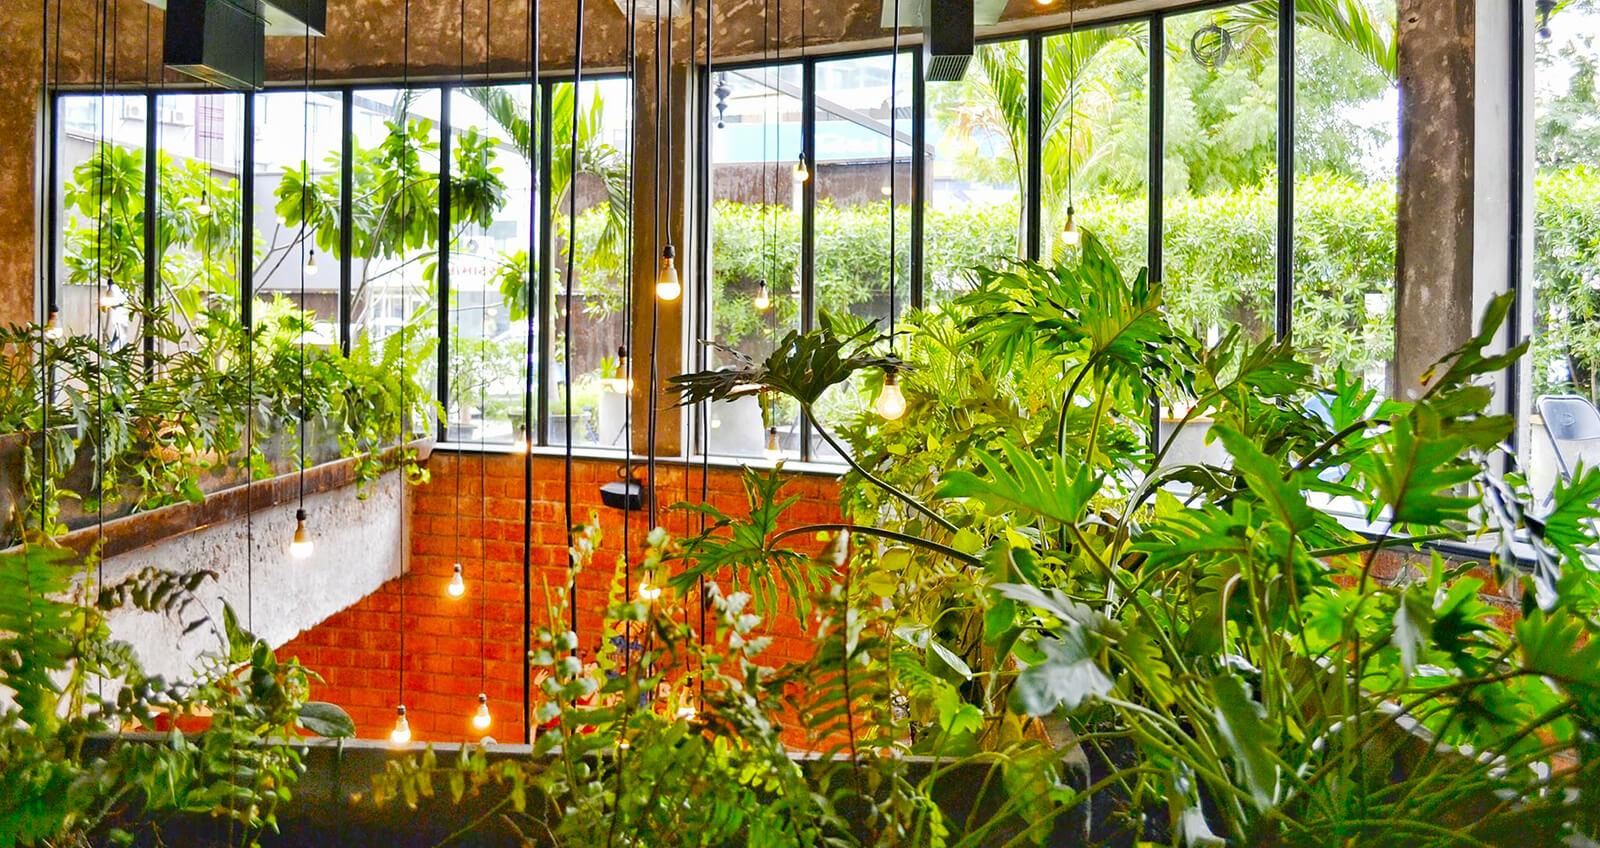 InteriorscapeDesignerMainEdited.jpg